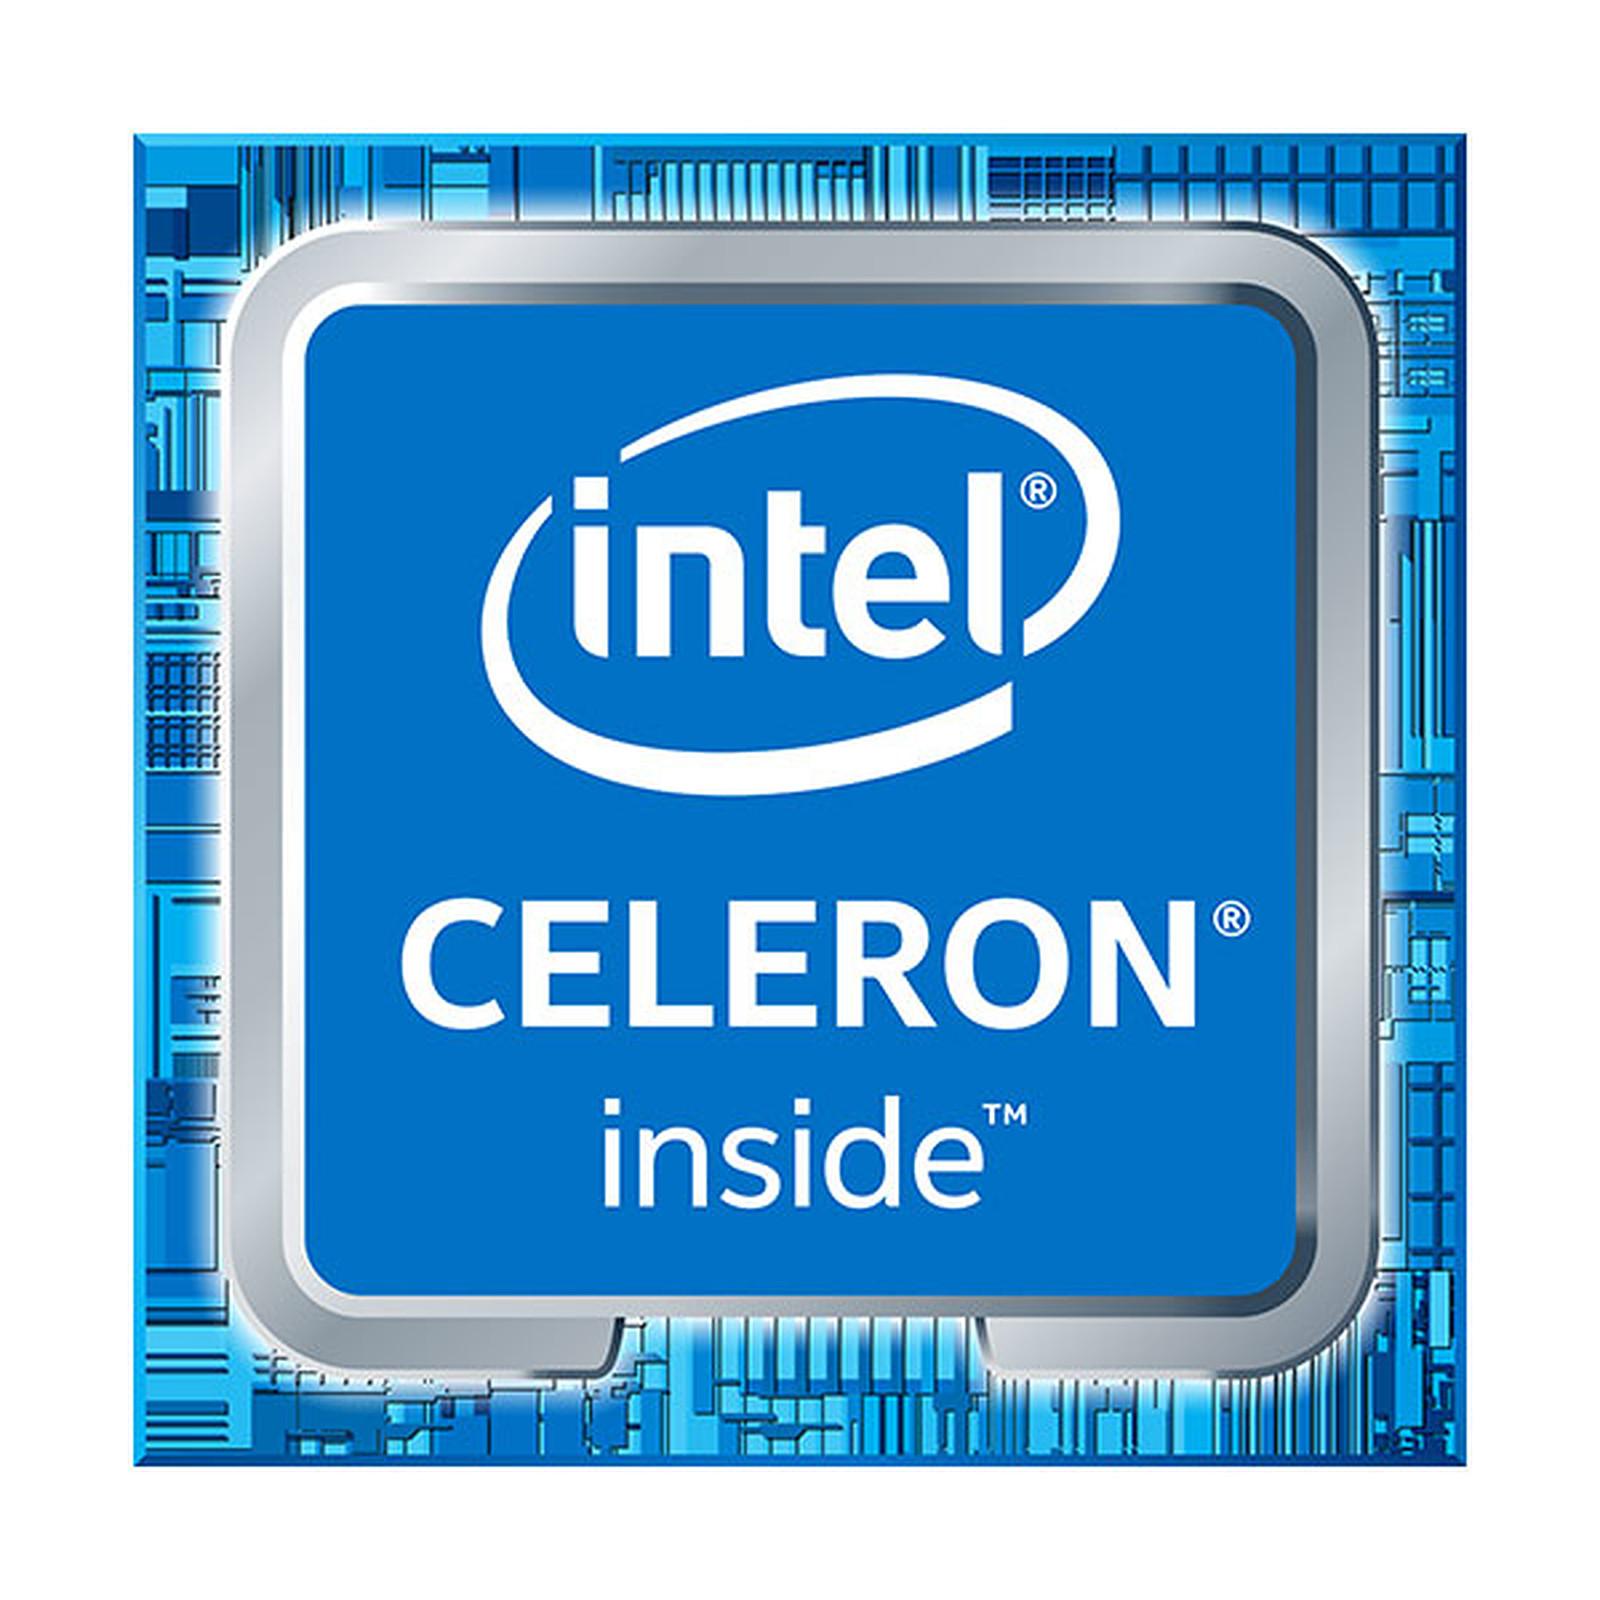 Intel Celeron G4900 (3.1 GHz) (Bulk)